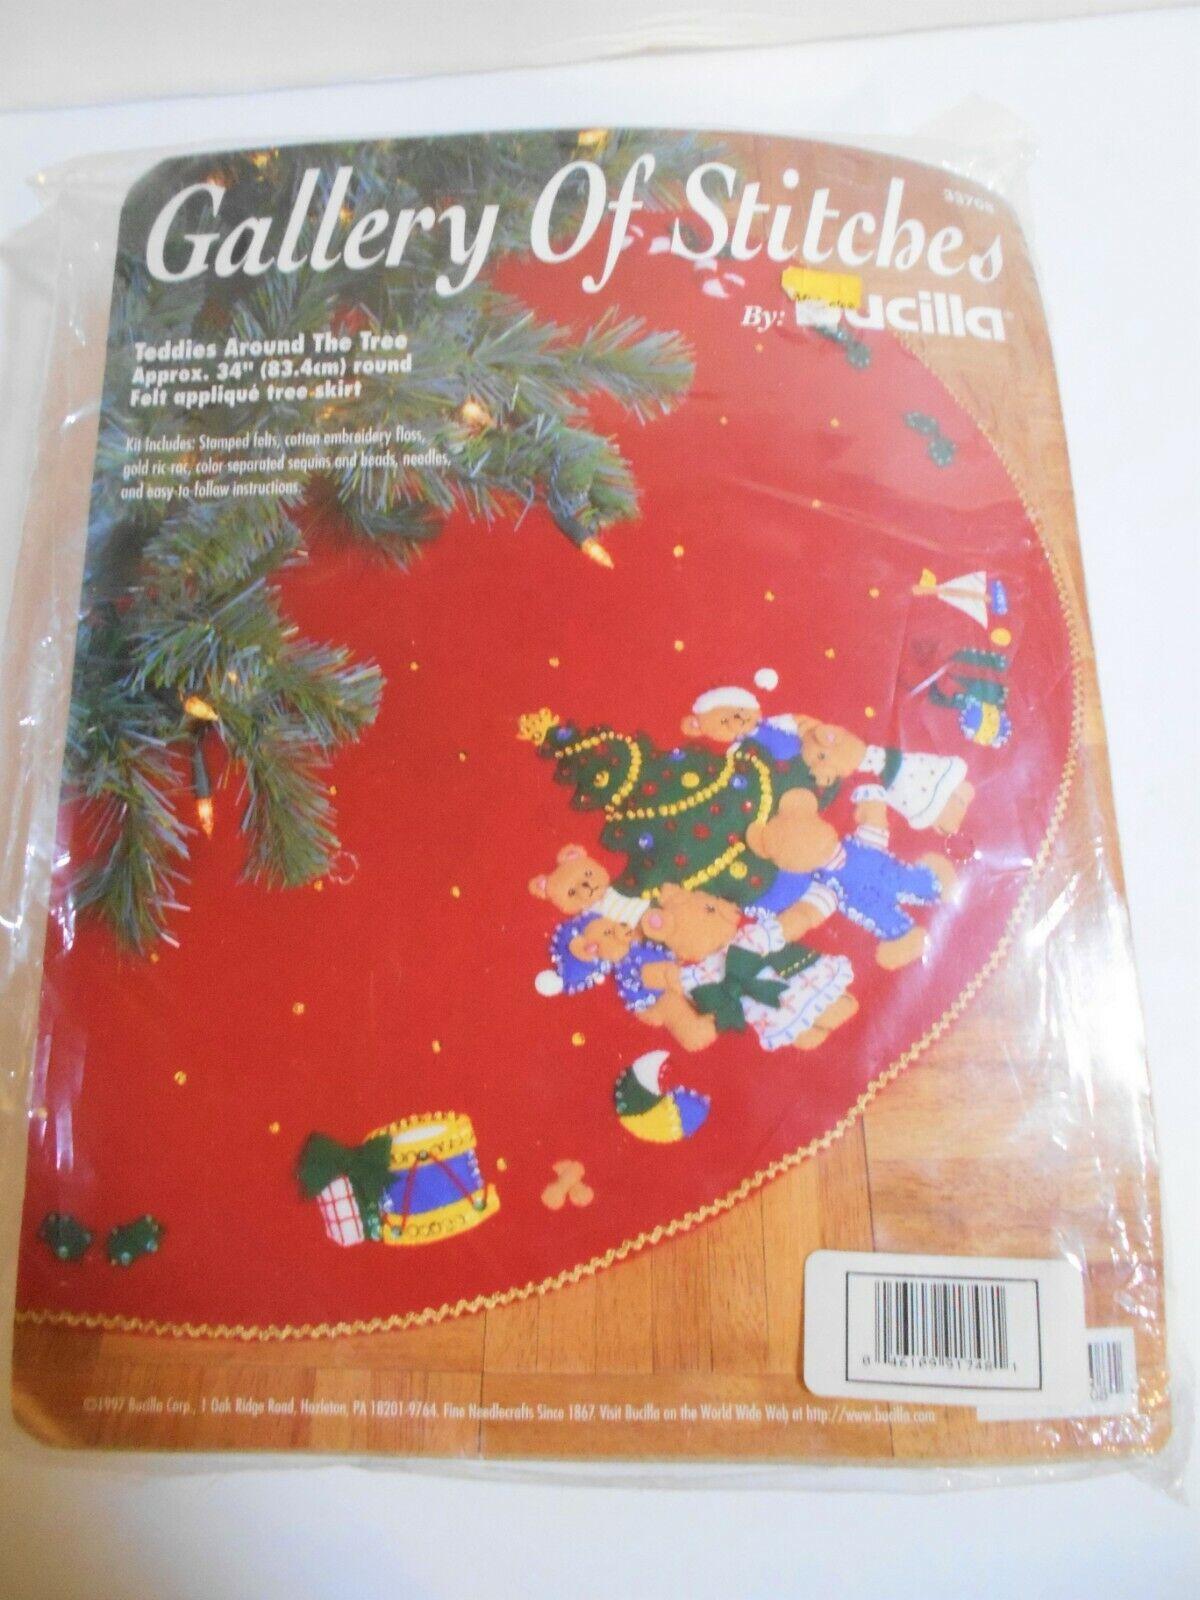 Buccilla Gallery Of Stitches Teddies Around The Tree 34 Skirt Red Felt Sequin - $22.03